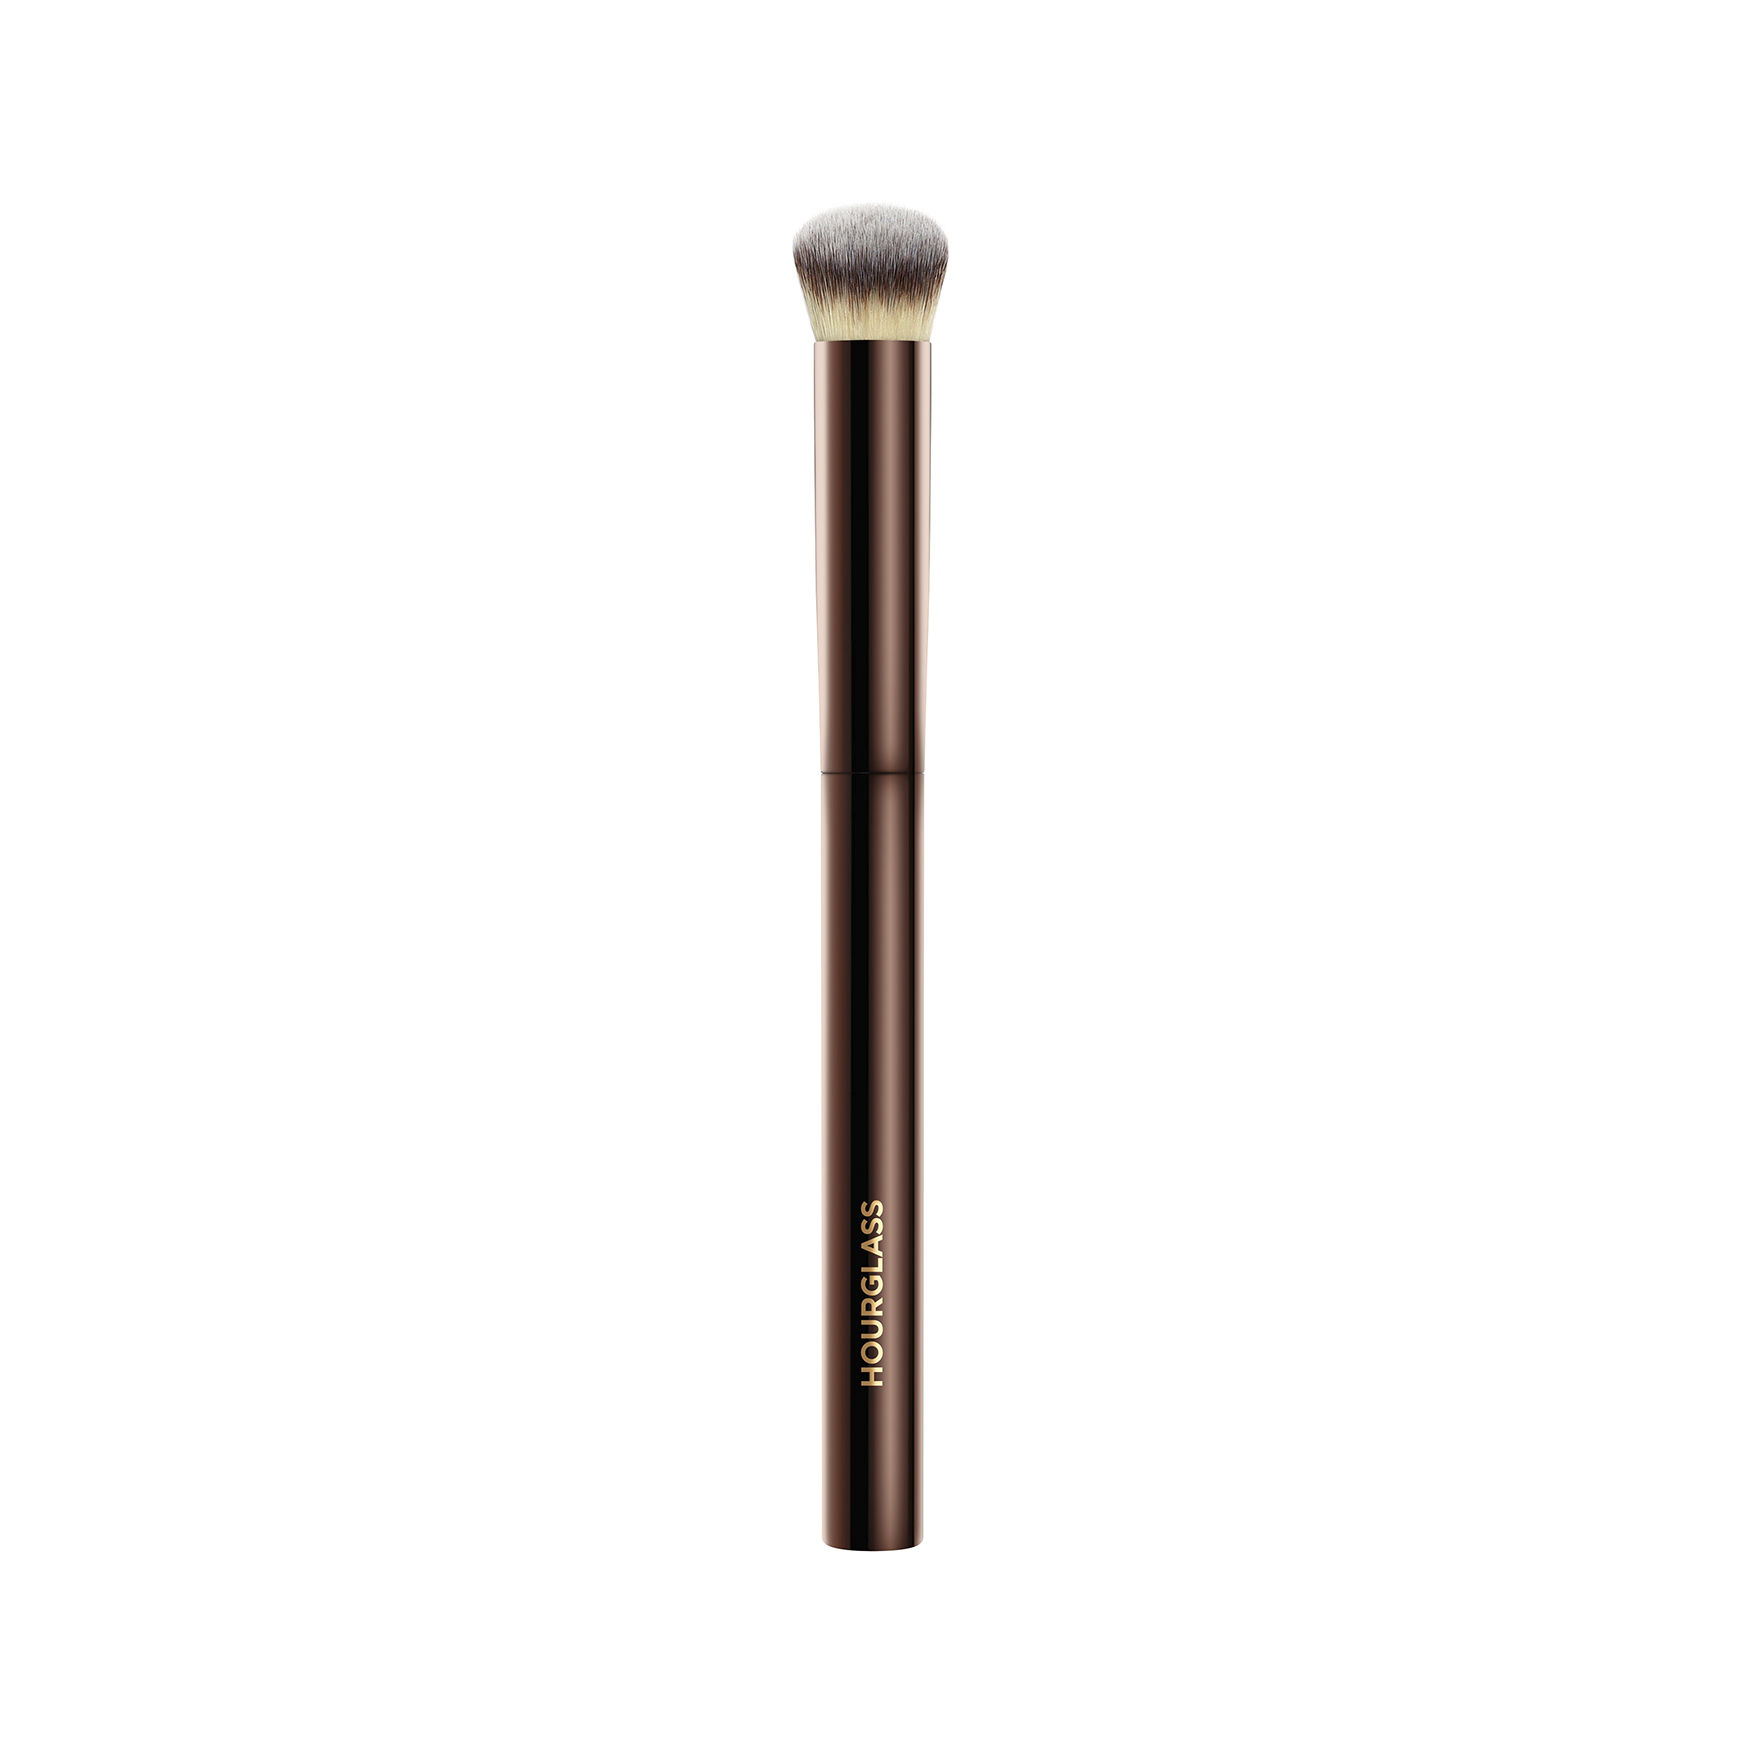 Vanish™ Seamless Finish Concealer Brush, , large